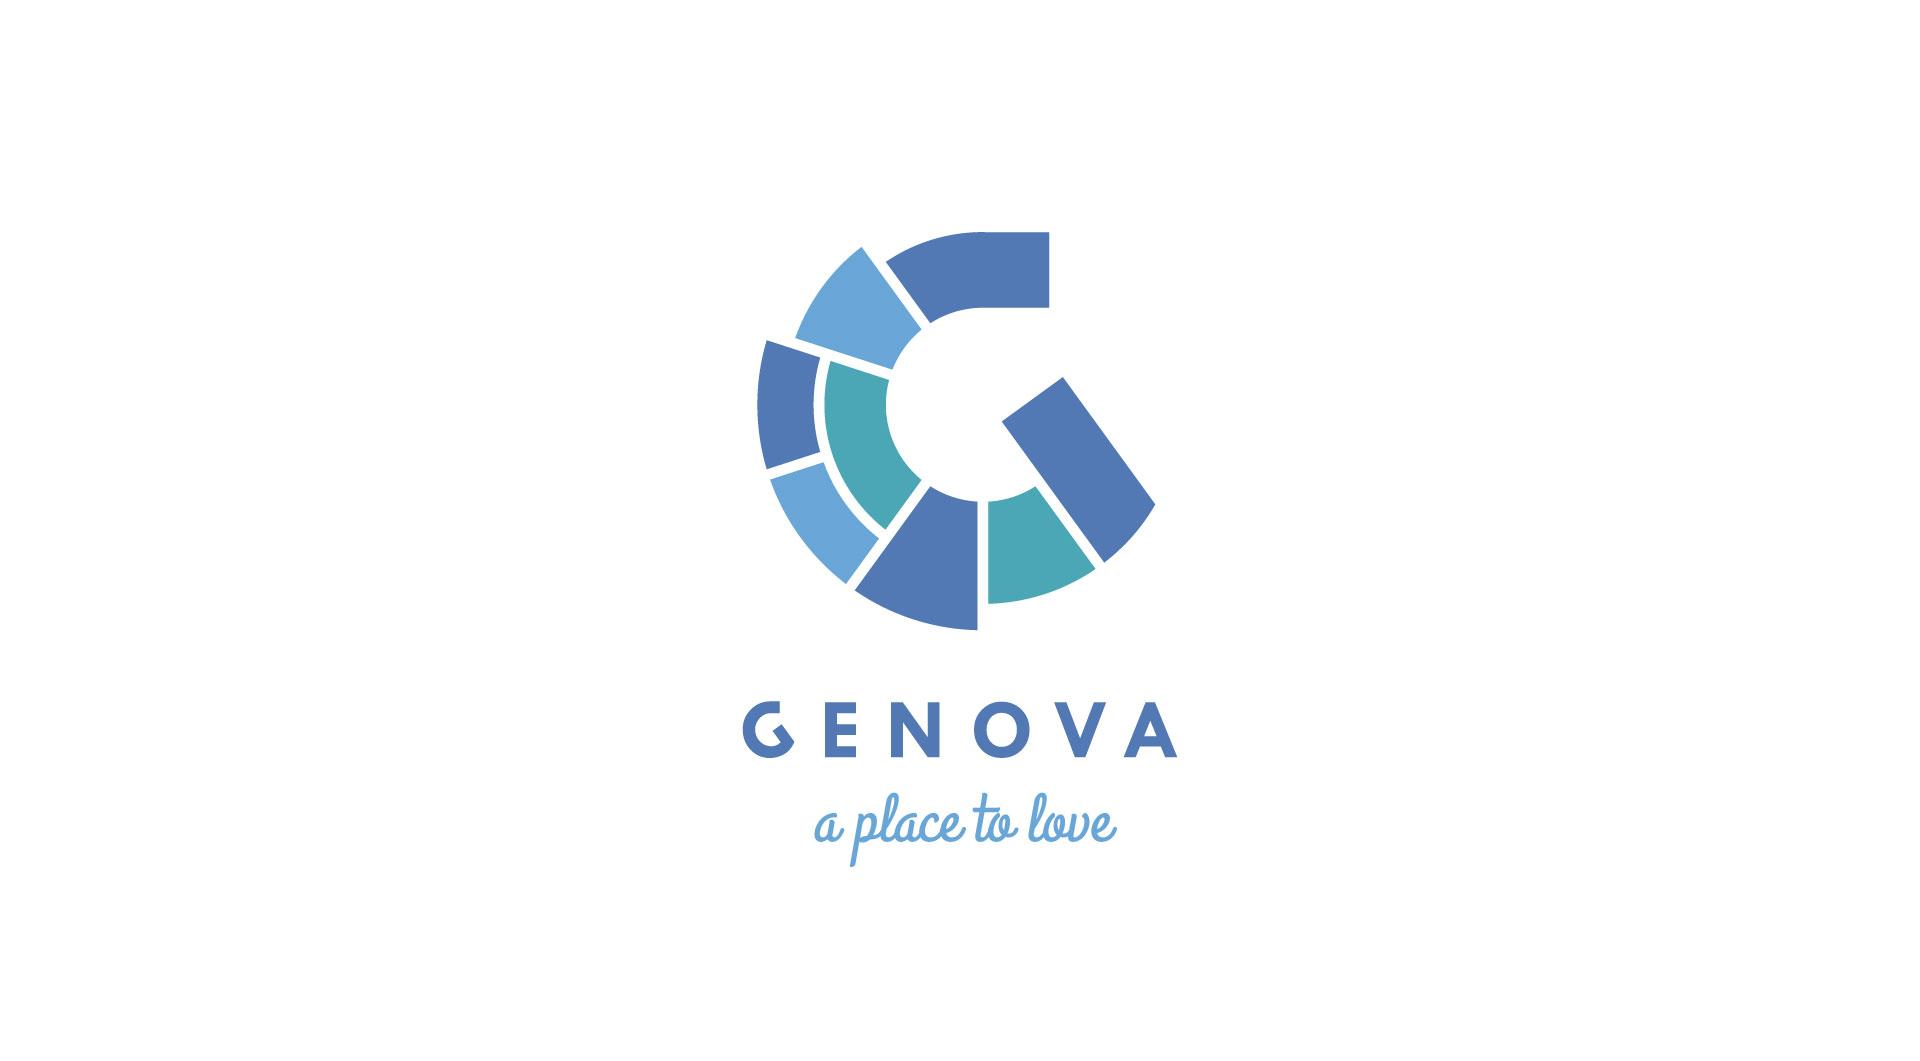 Genova-02